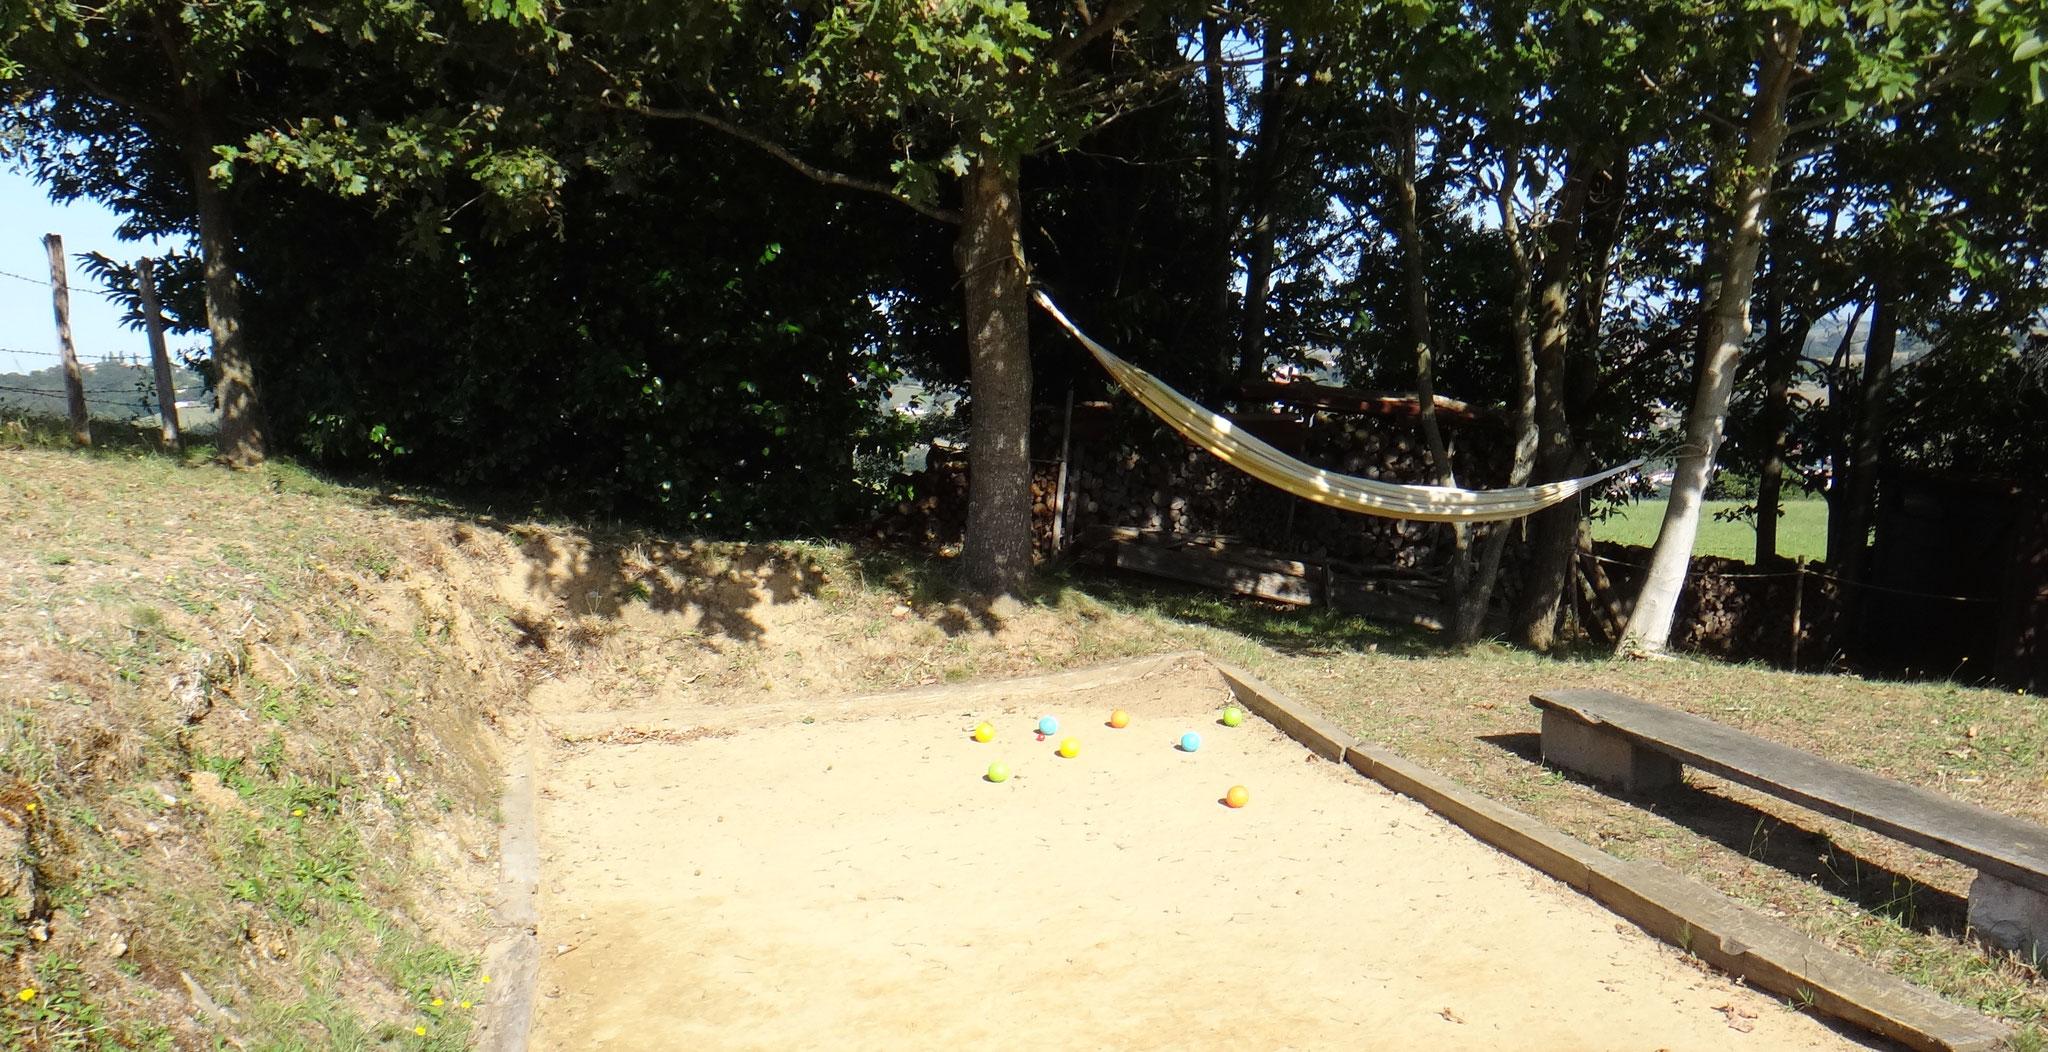 hamac pour la sieste et jeux de boule pour enfants (fourni)